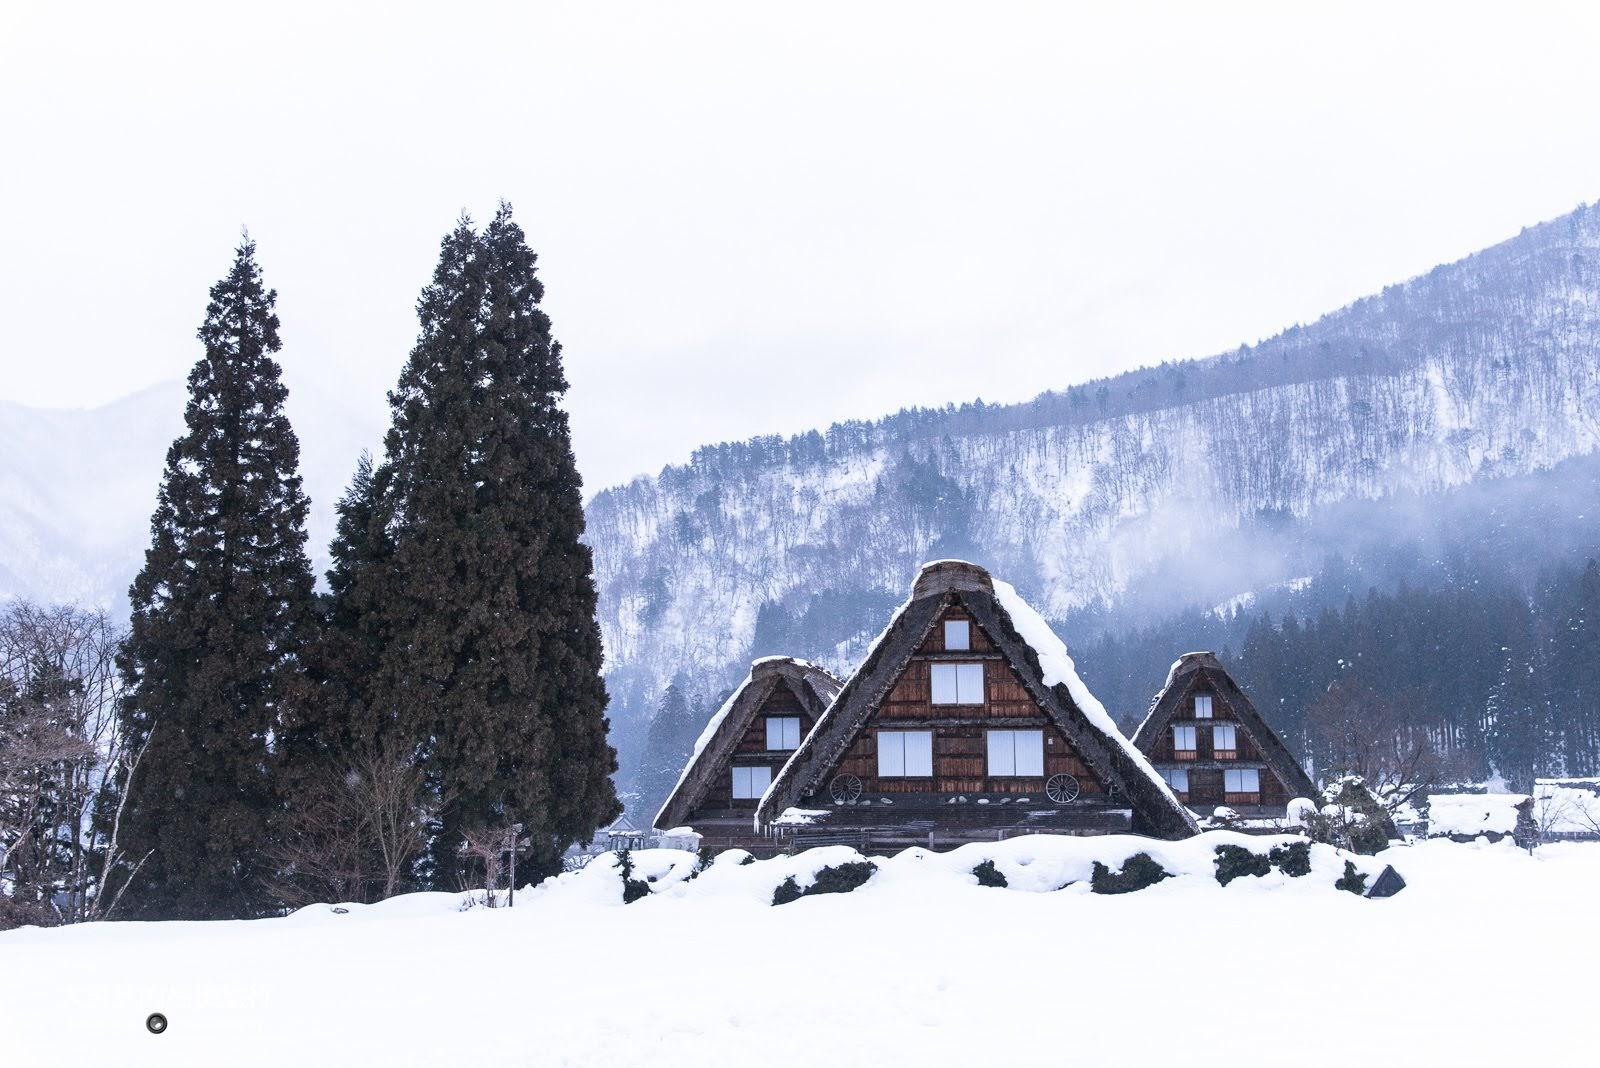 白川鄉合掌村三間小屋。